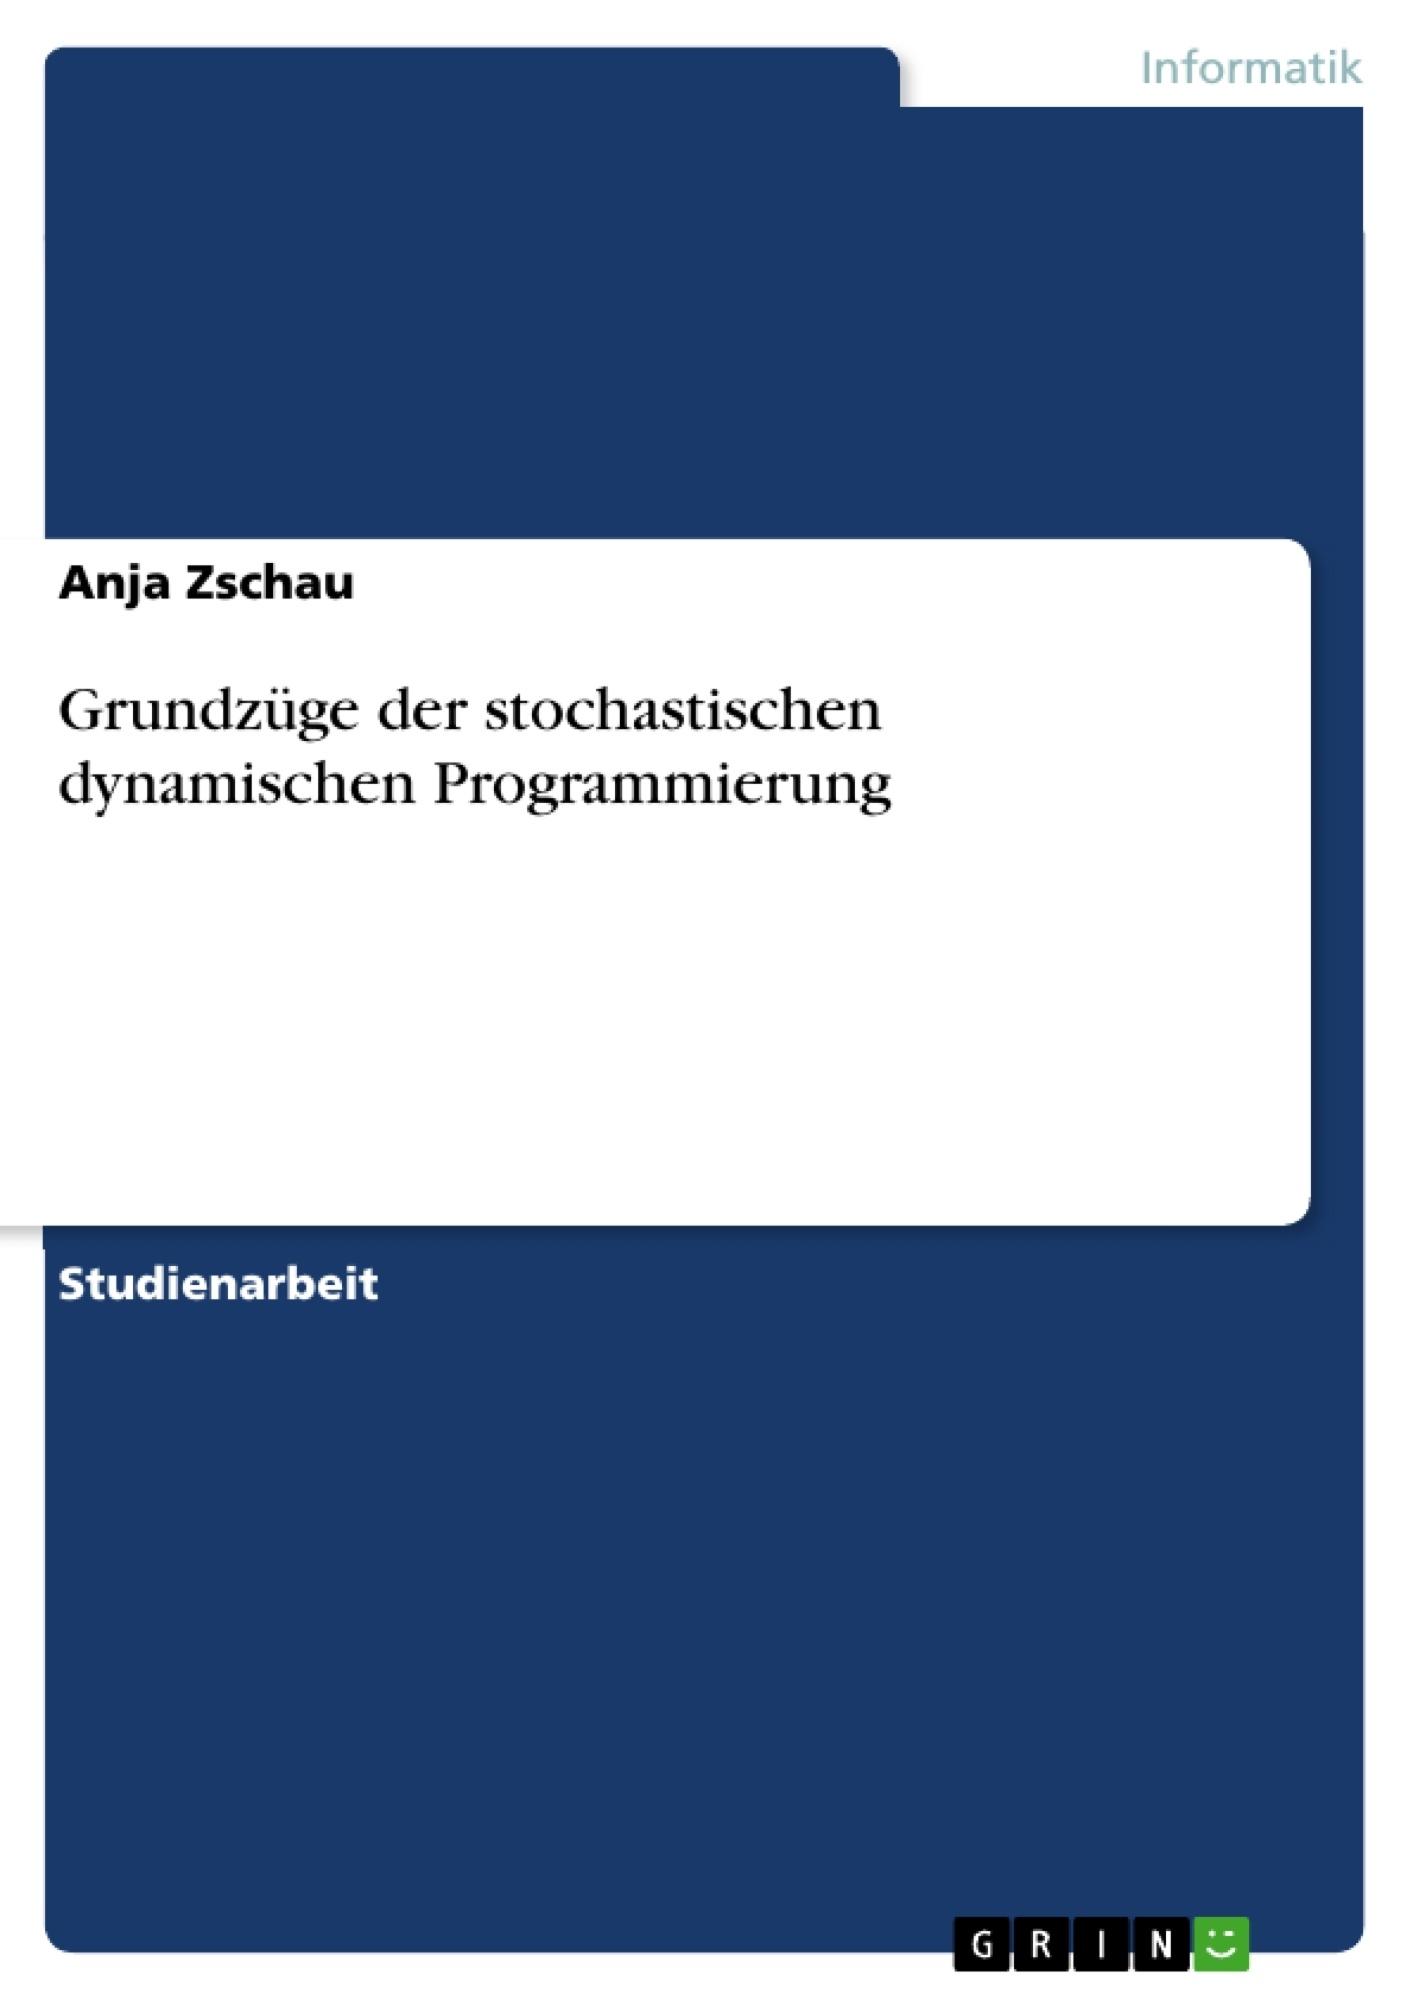 Titel: Grundzüge der stochastischen dynamischen Programmierung